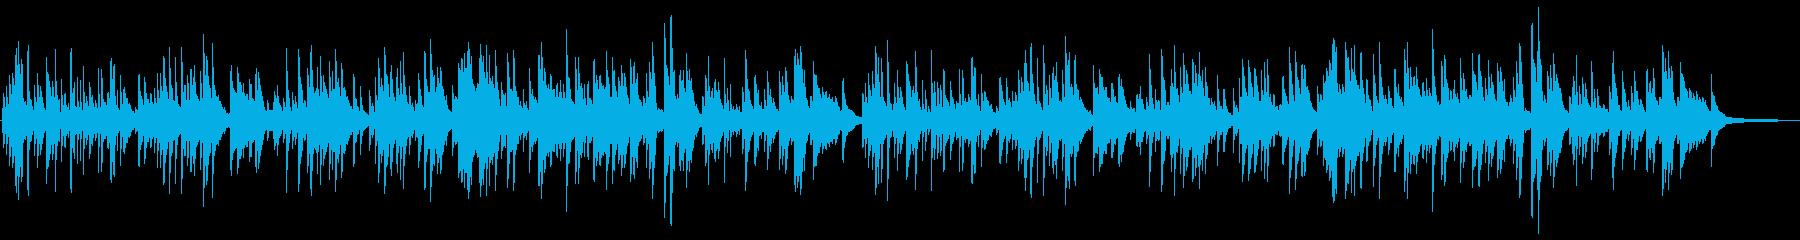 やさしい 少し切ない曲調のピアノソロの再生済みの波形